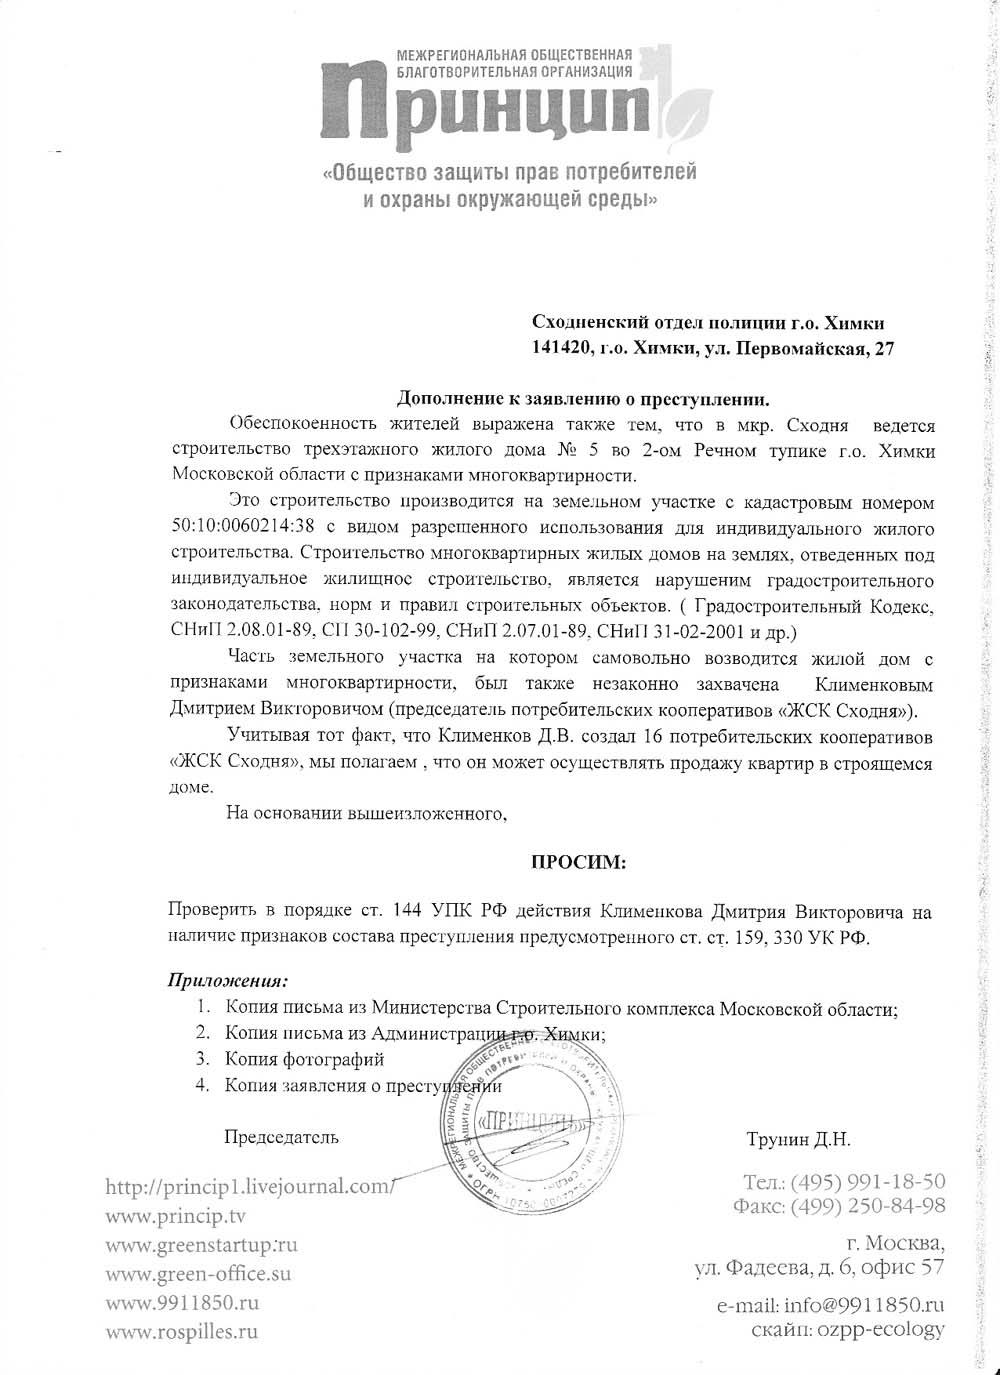 Заявление_Сходненск_ОП_дополнение.jpg